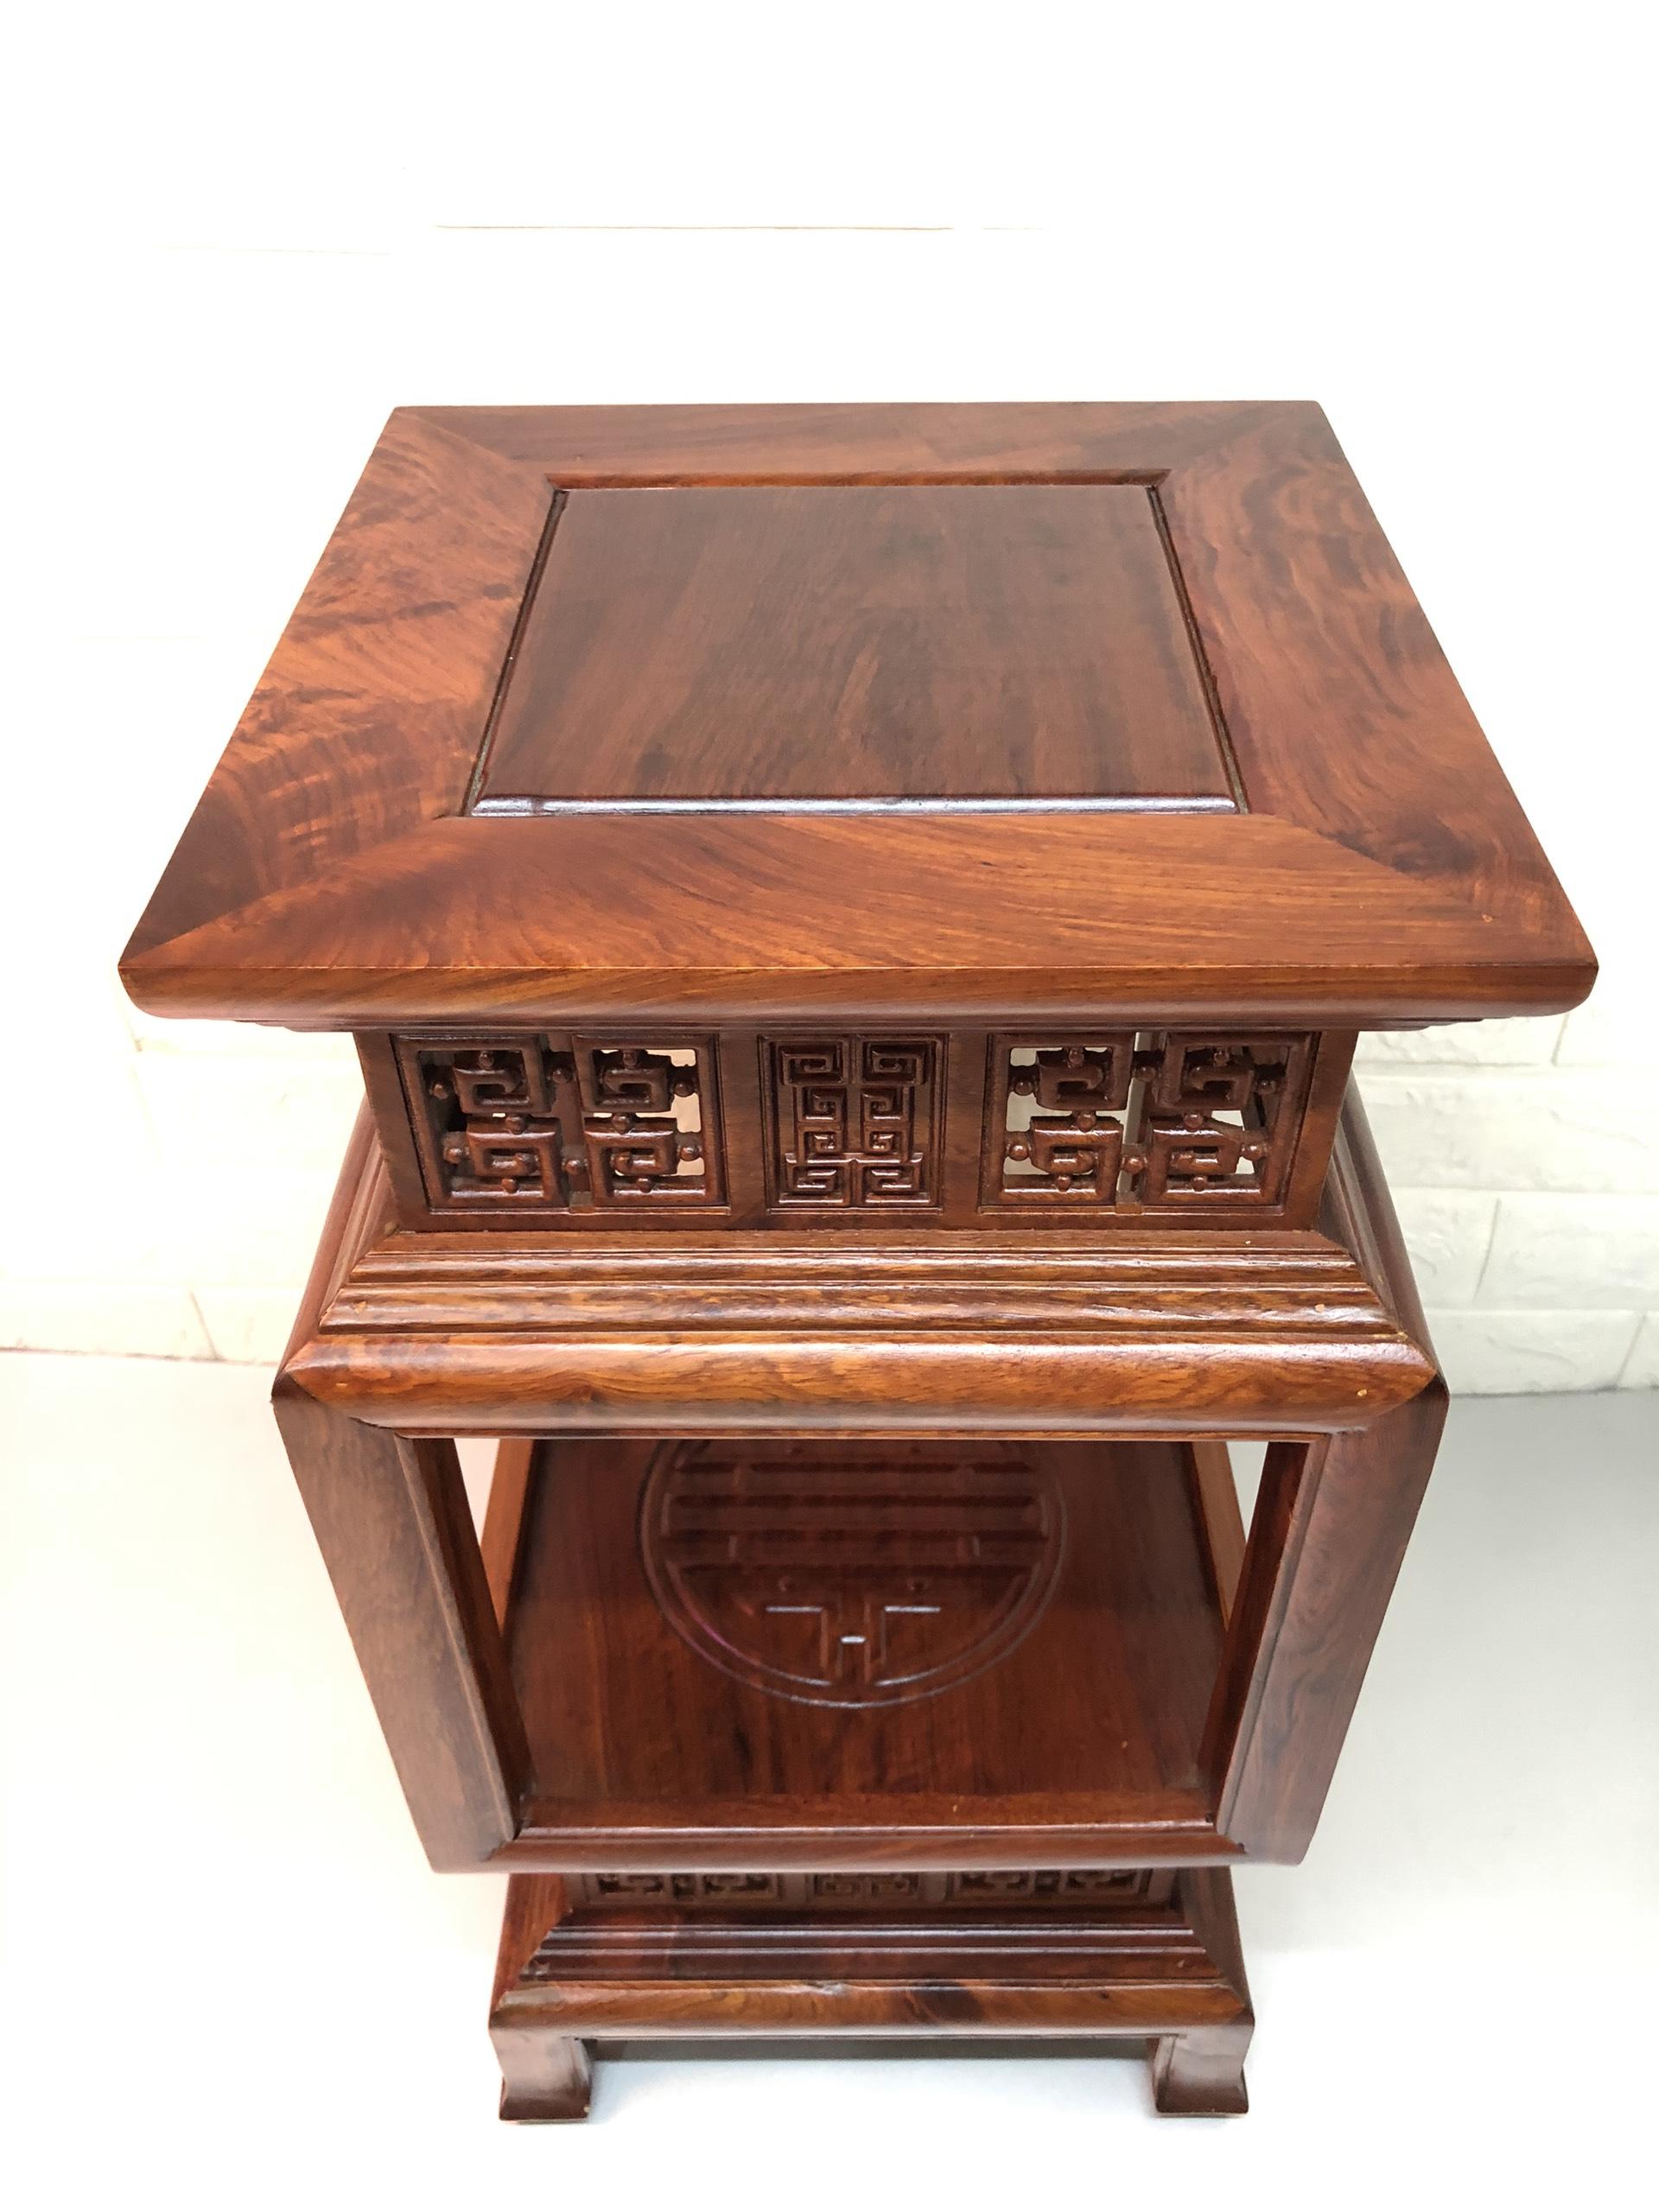 Đôn gỗ hương kê tượng kê đồ phong thủy, mẫu đôn đèn mặt 30x30 cao 60cm (  sản phẩm đi combo lư đốt trầm vad trầm tháp,và  1chai nước thơm lau đồ gỗ) TP1054